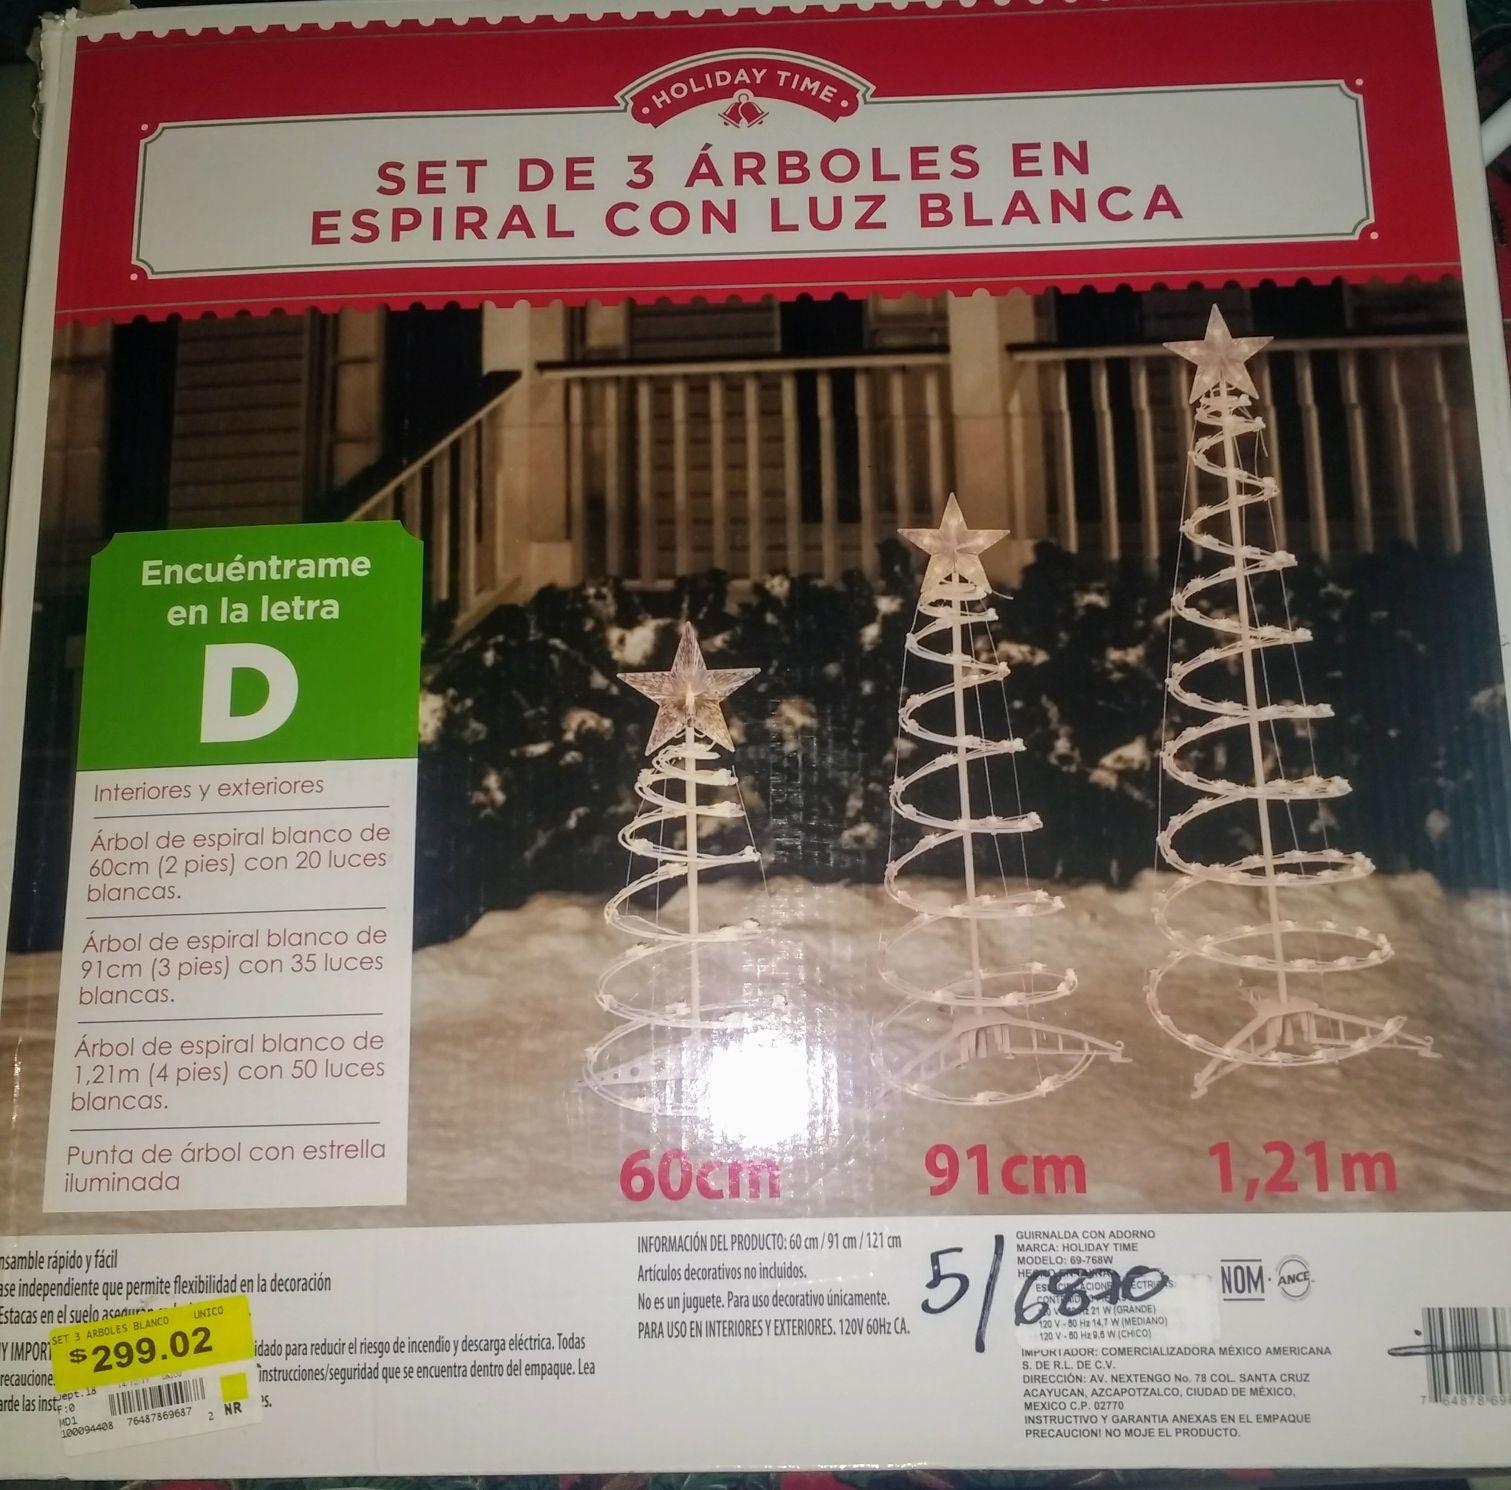 WALMART: SET DE 3 ARBOLES CON LUZ BLANCA